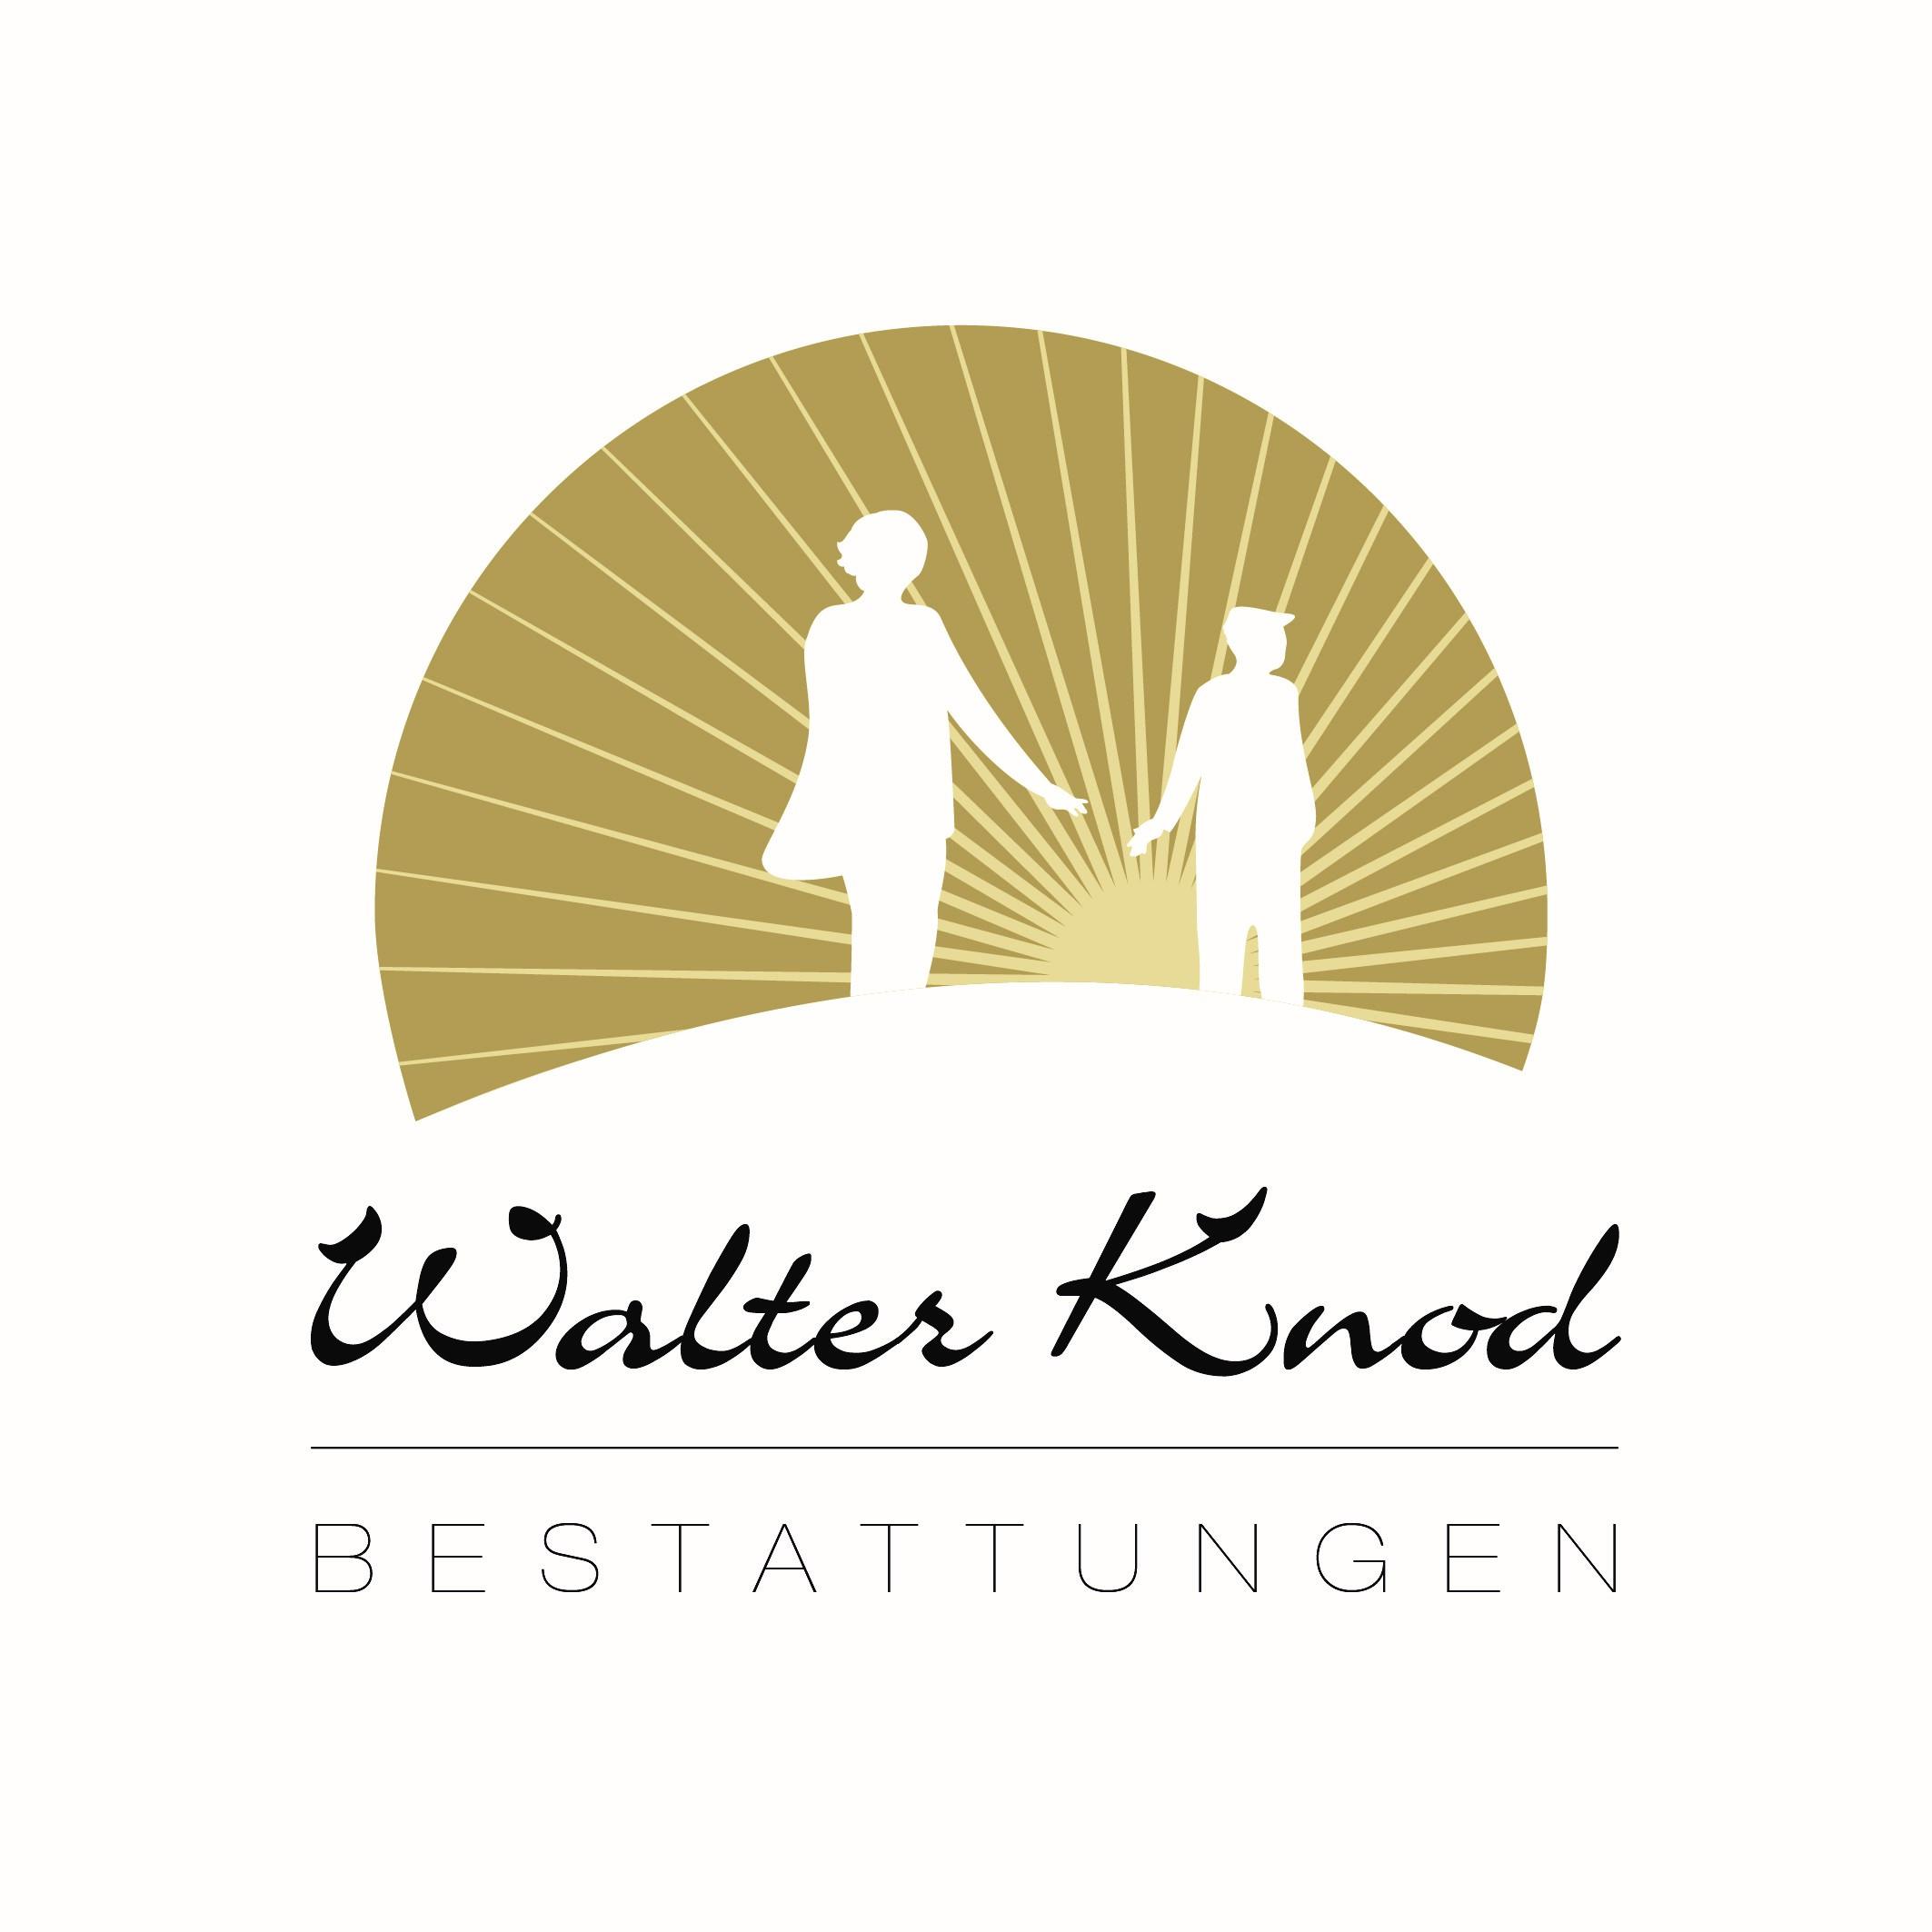 Bild zu Walter Knod Bestattungen in Neuwied